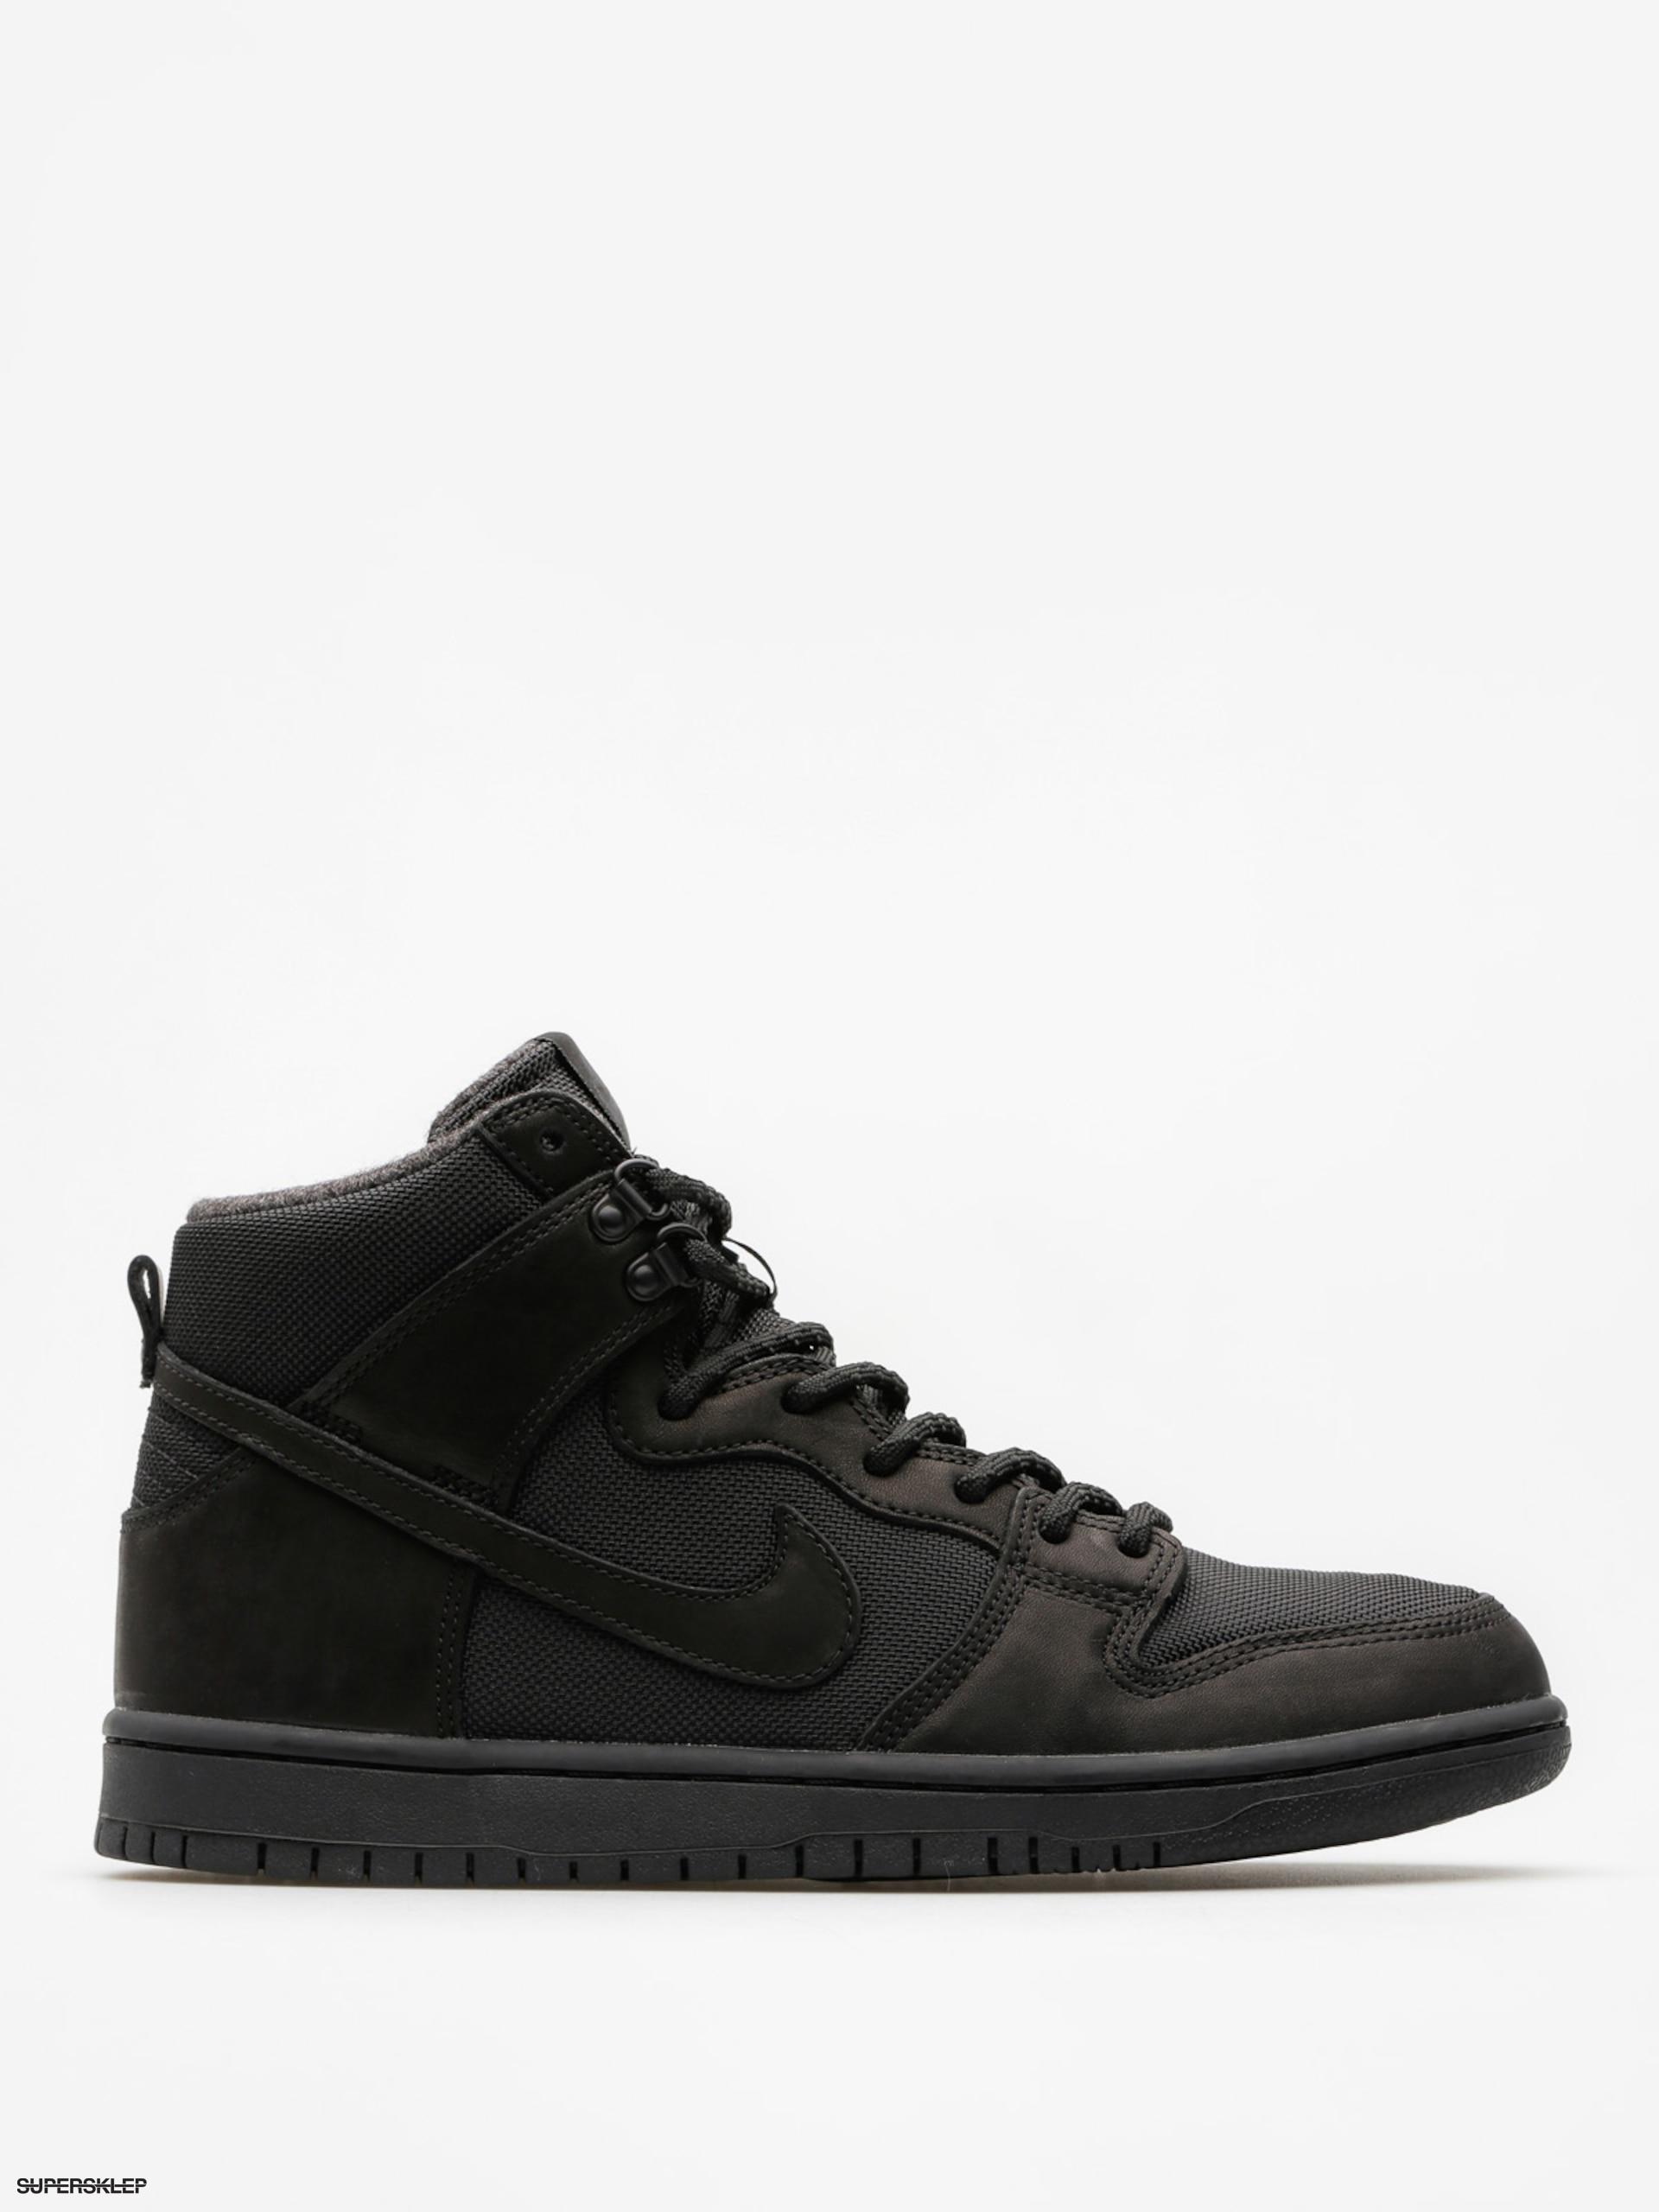 best service 9dda4 c5e5e Buty Nike SB Dunk Hi Pro Bota (black/black anthracite)